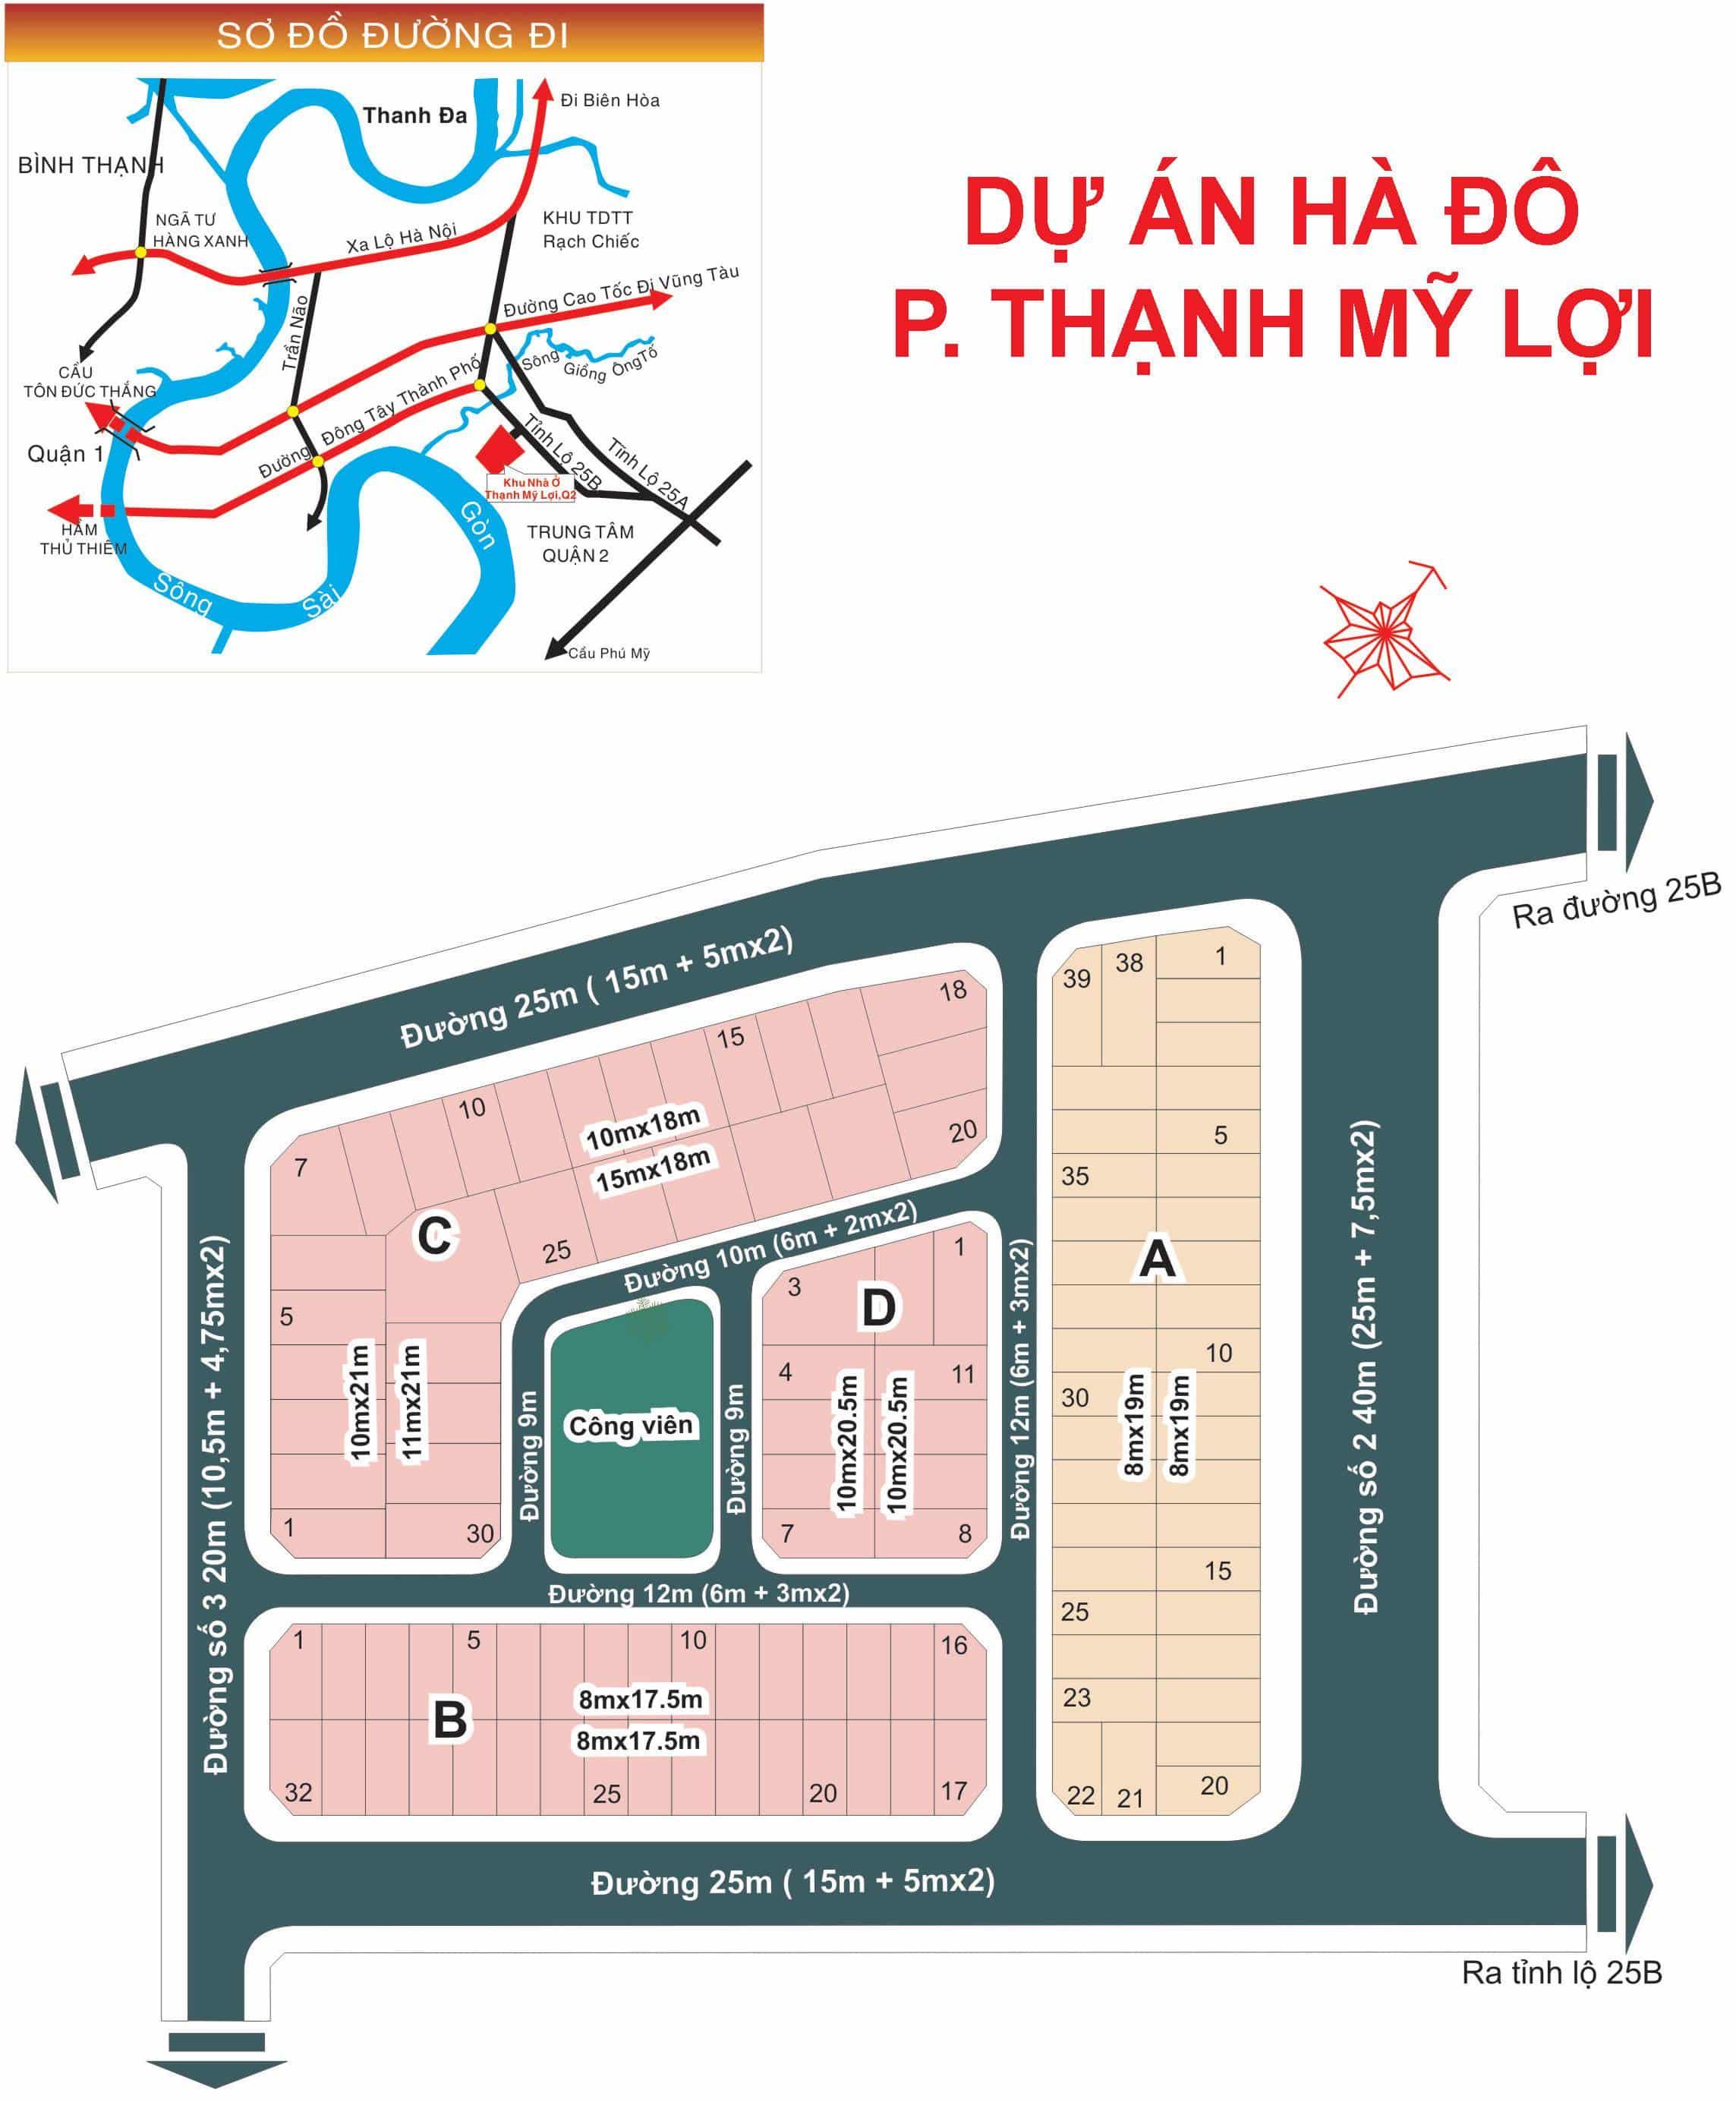 Bản đồ Dự án HÀ ĐÔ phường Thạnh Mỹ Lợi